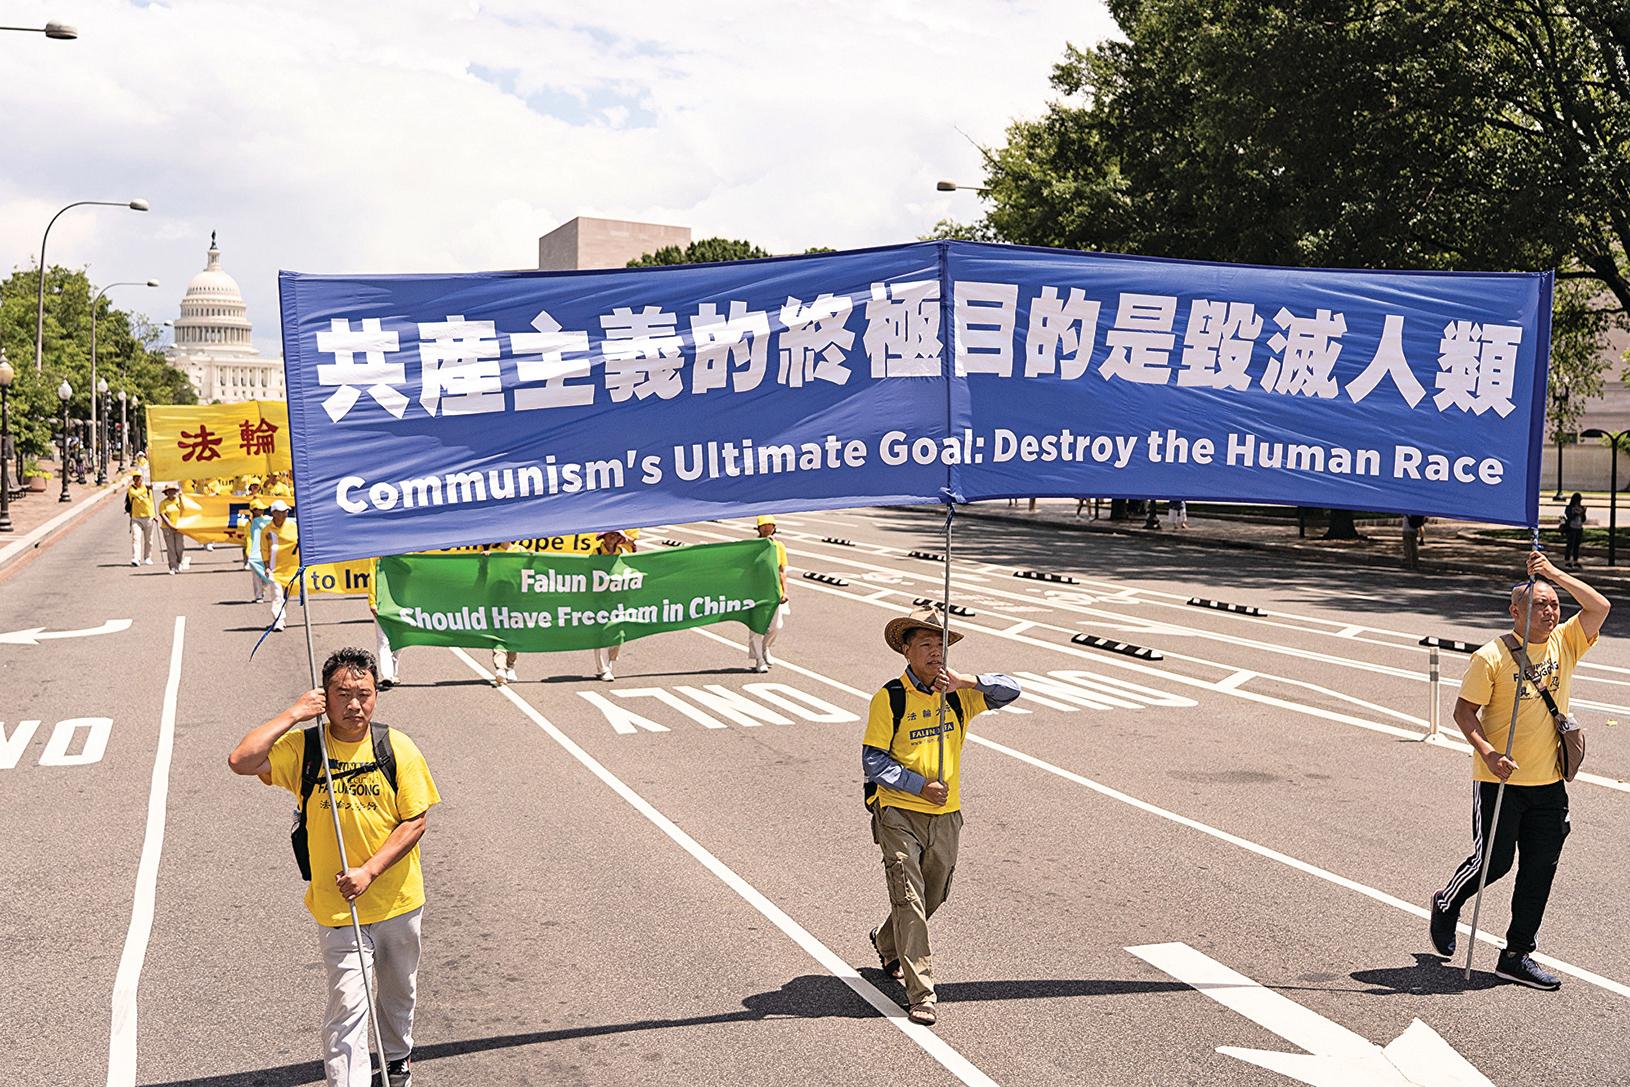 2019年7月18日,近2,000名法輪功學員在華盛頓DC舉行法輪功反迫害20周年大遊行。圖為法輪功學員以橫幅揭示「共產主義的終極目的是毀滅人類」。(戴兵/大紀元)